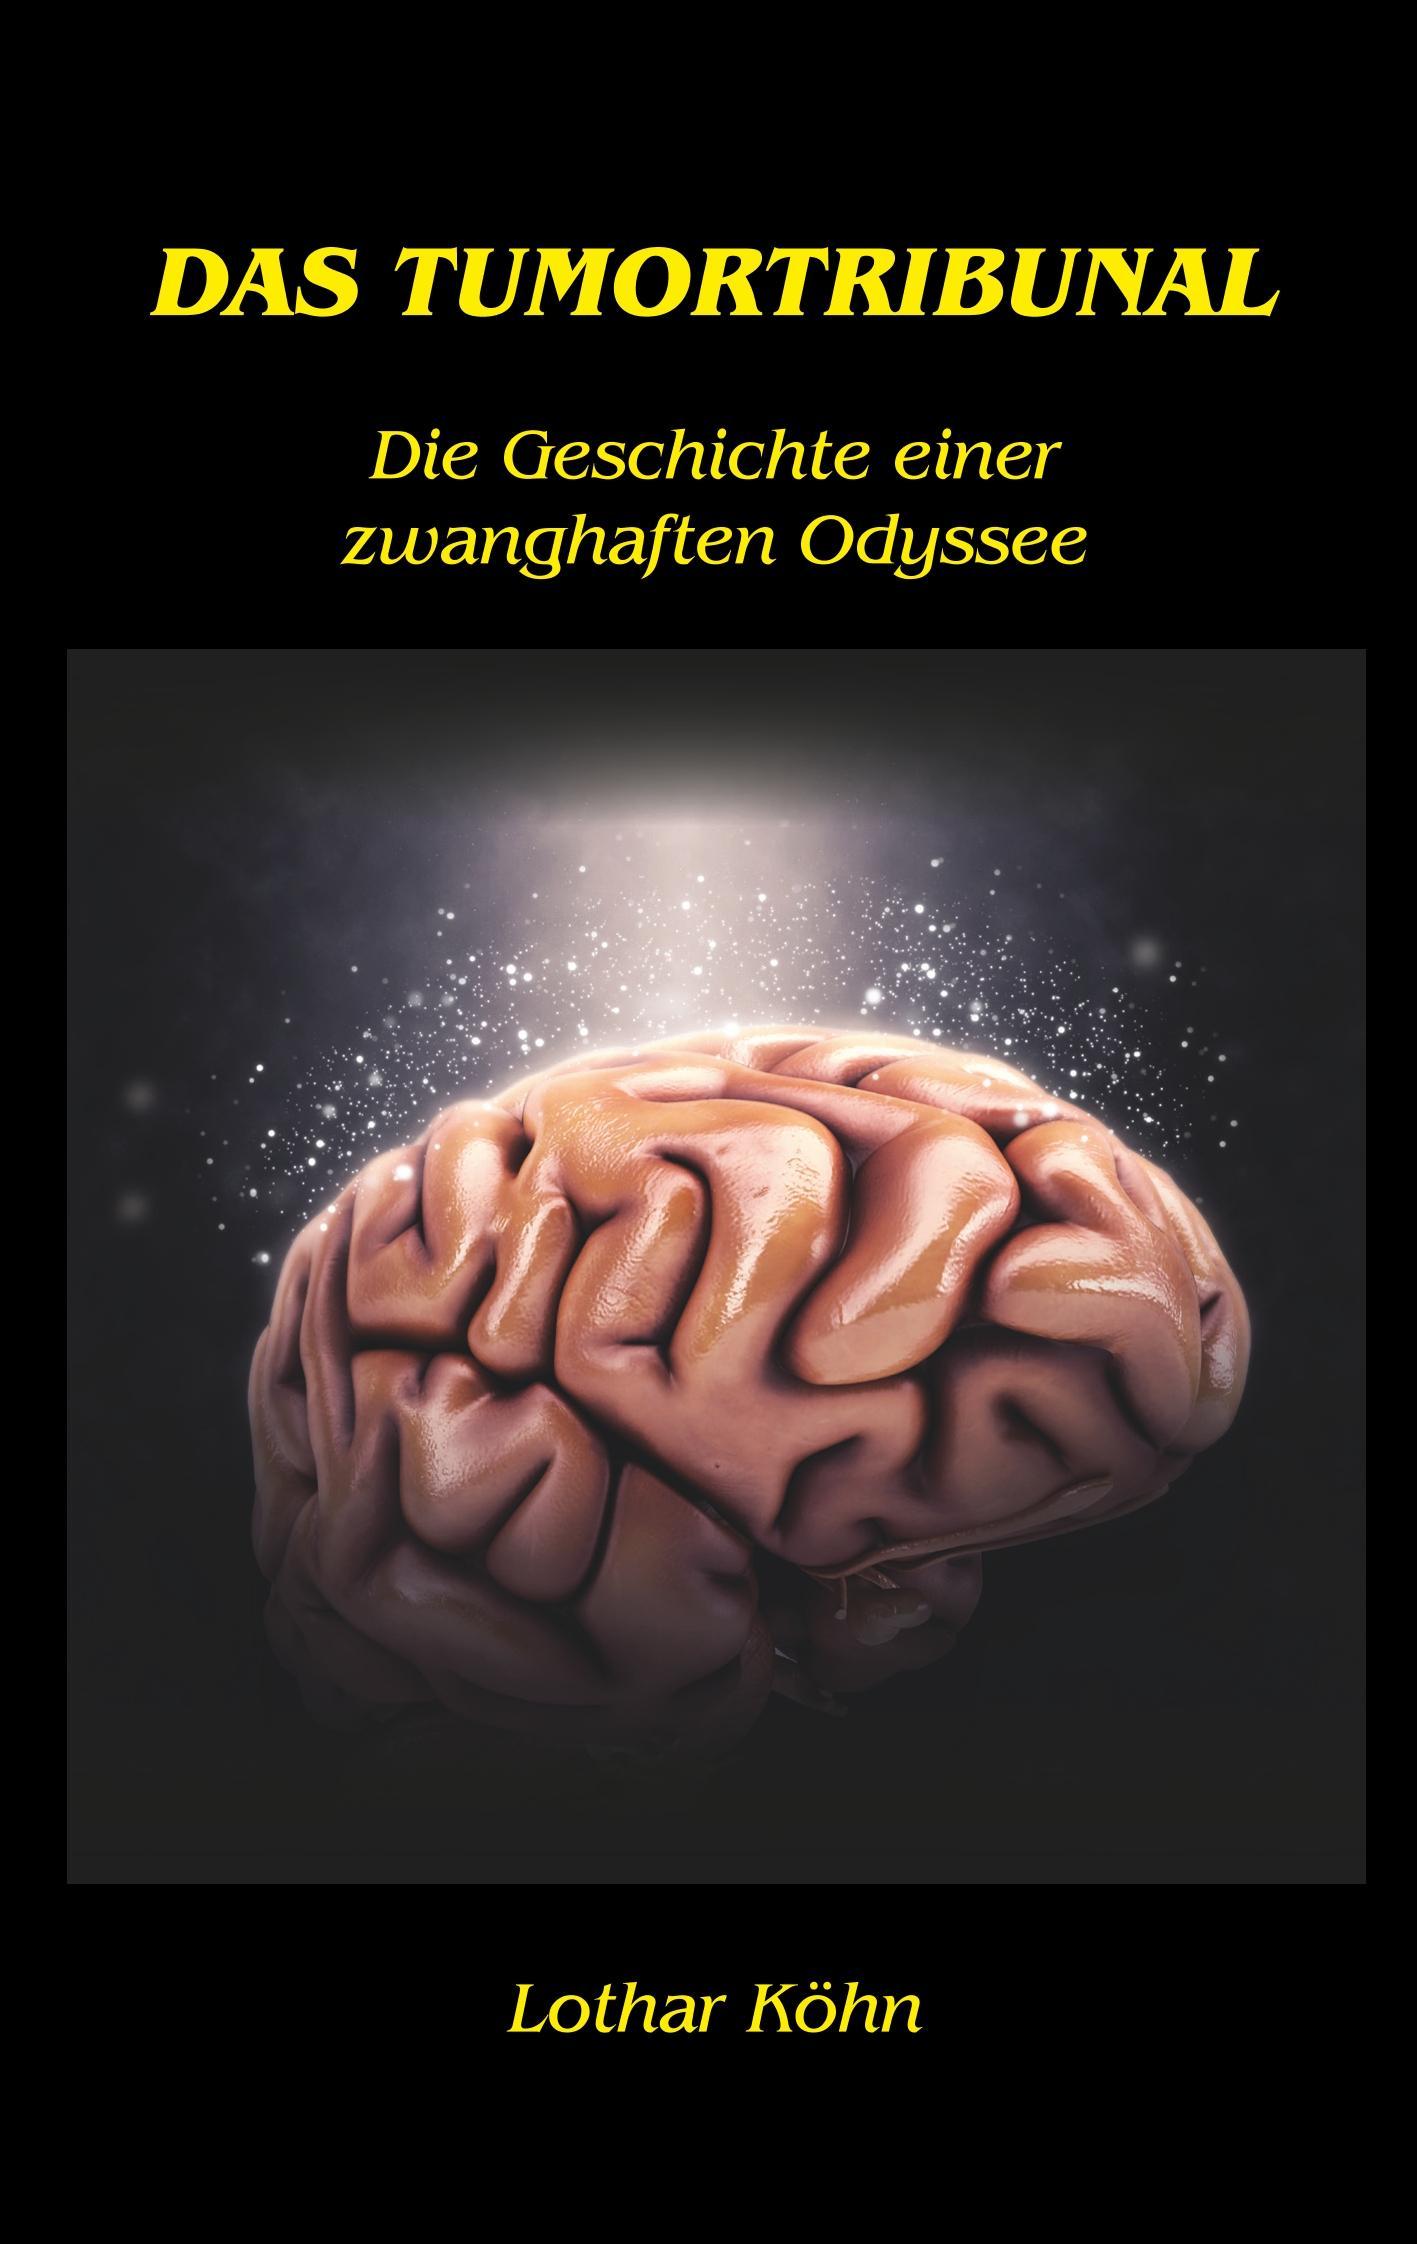 Das Tumortribunal  Die Geschichte einer zwanghaften Odyssee  Lothar Köhn  Taschenbuch  Paperback  Deutsch  2018 - Köhn, Lothar